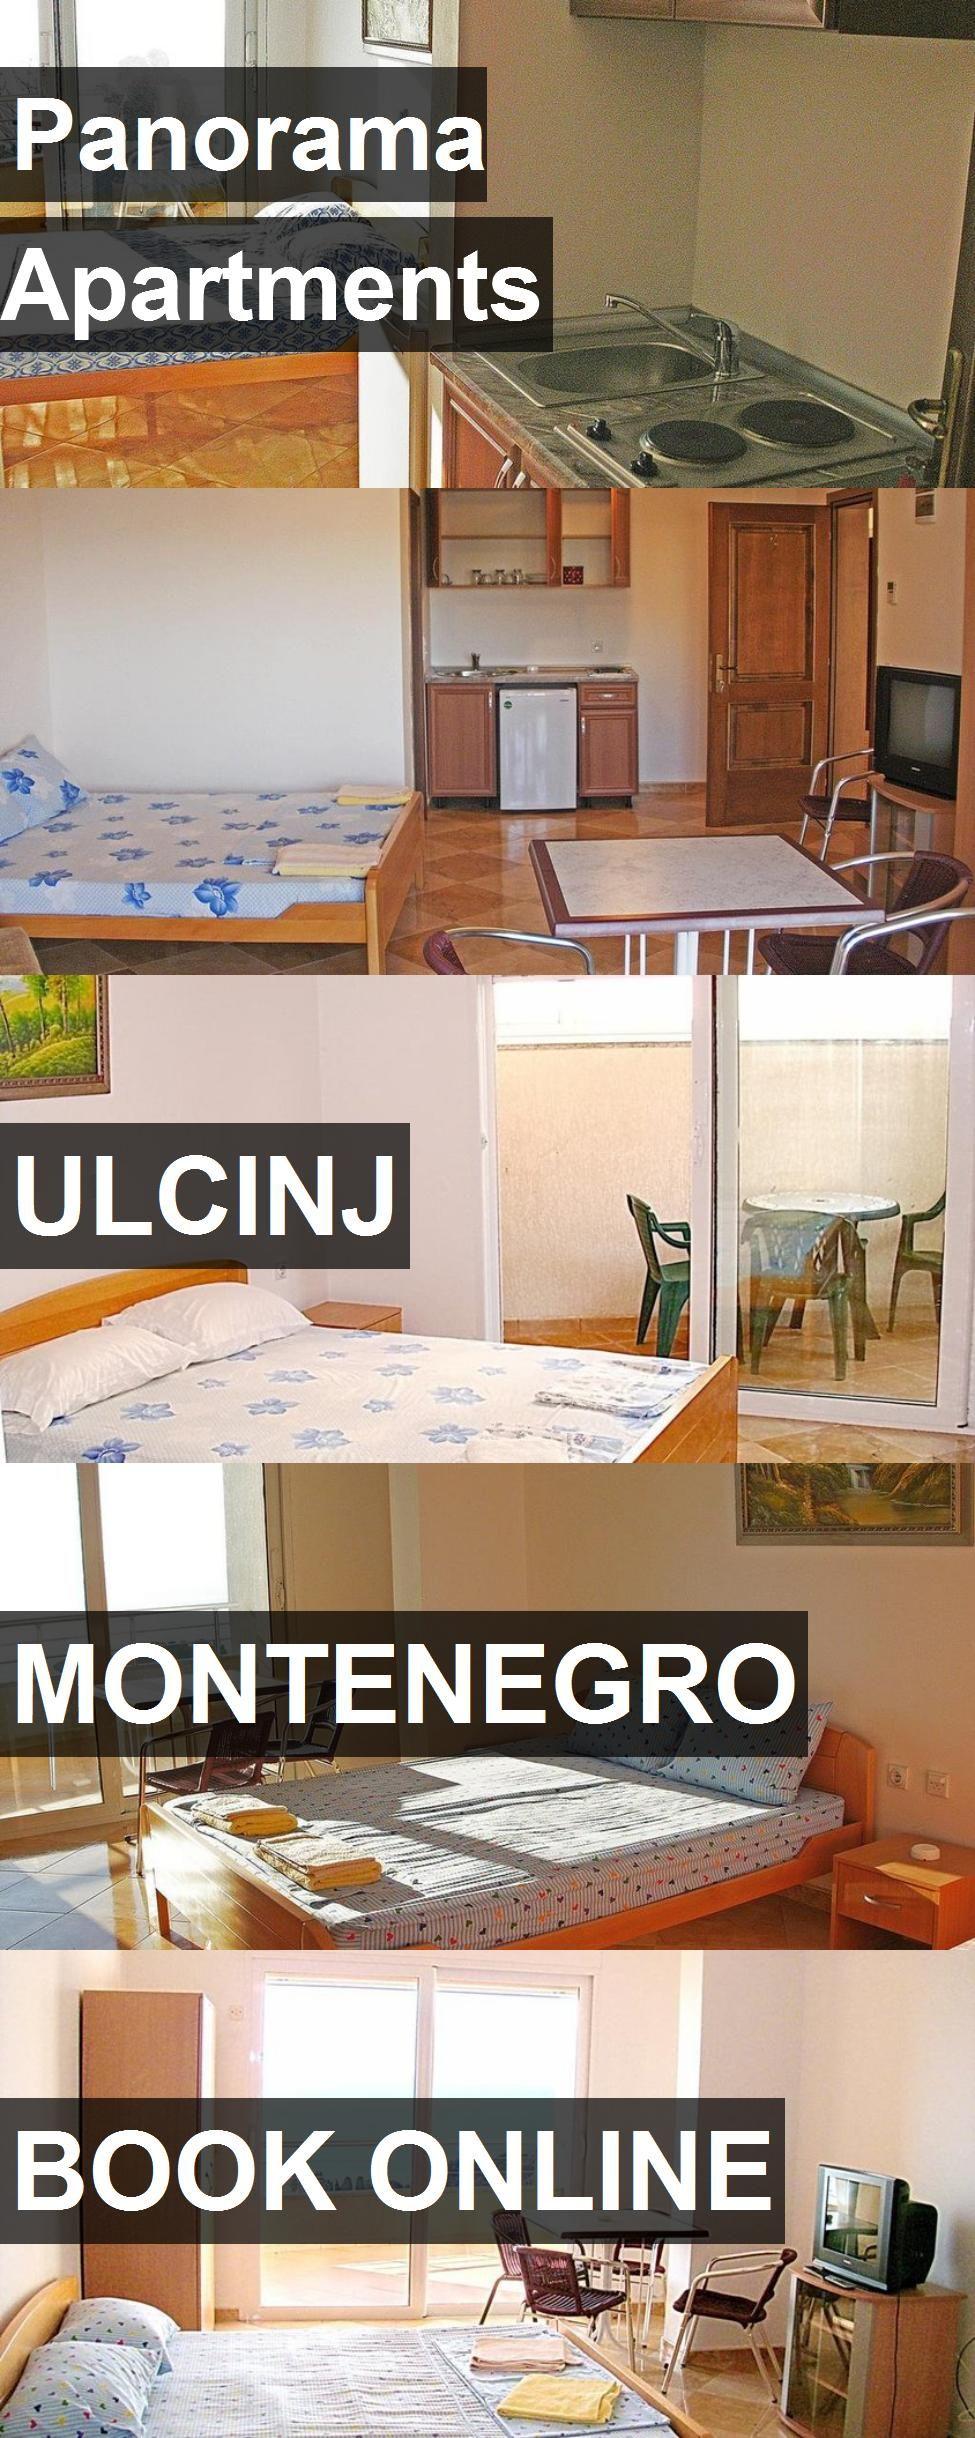 Panorama Apartments in Ulcinj, Montenegro  For more